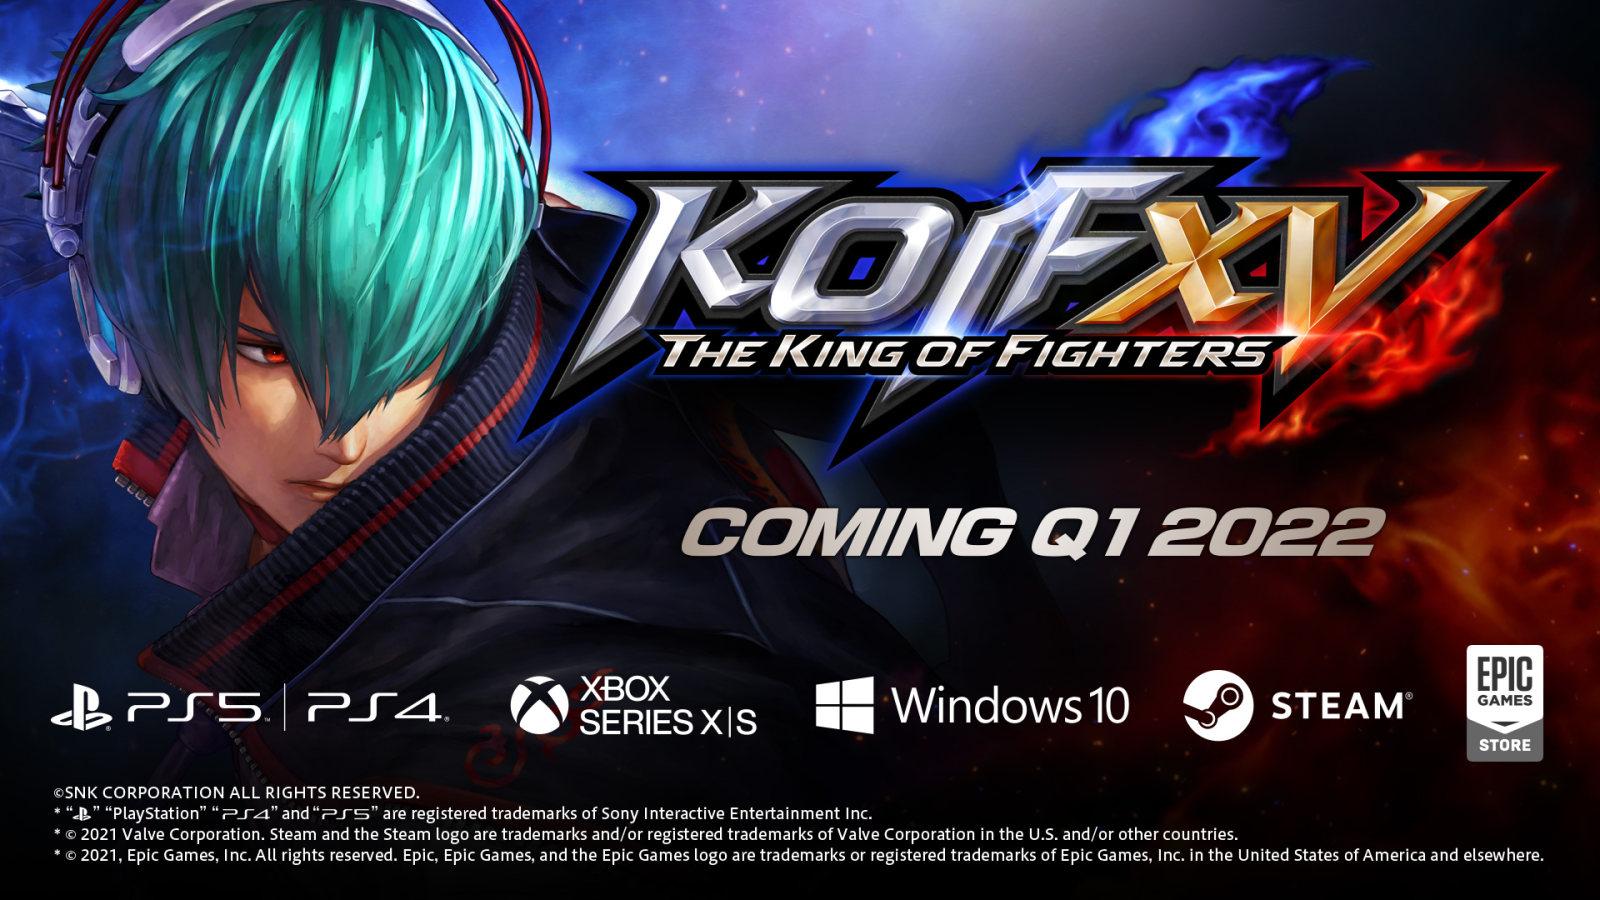 《地铁:离去》发行商宣布代理《拳皇15》丨格斗游戏资讯一周回顾